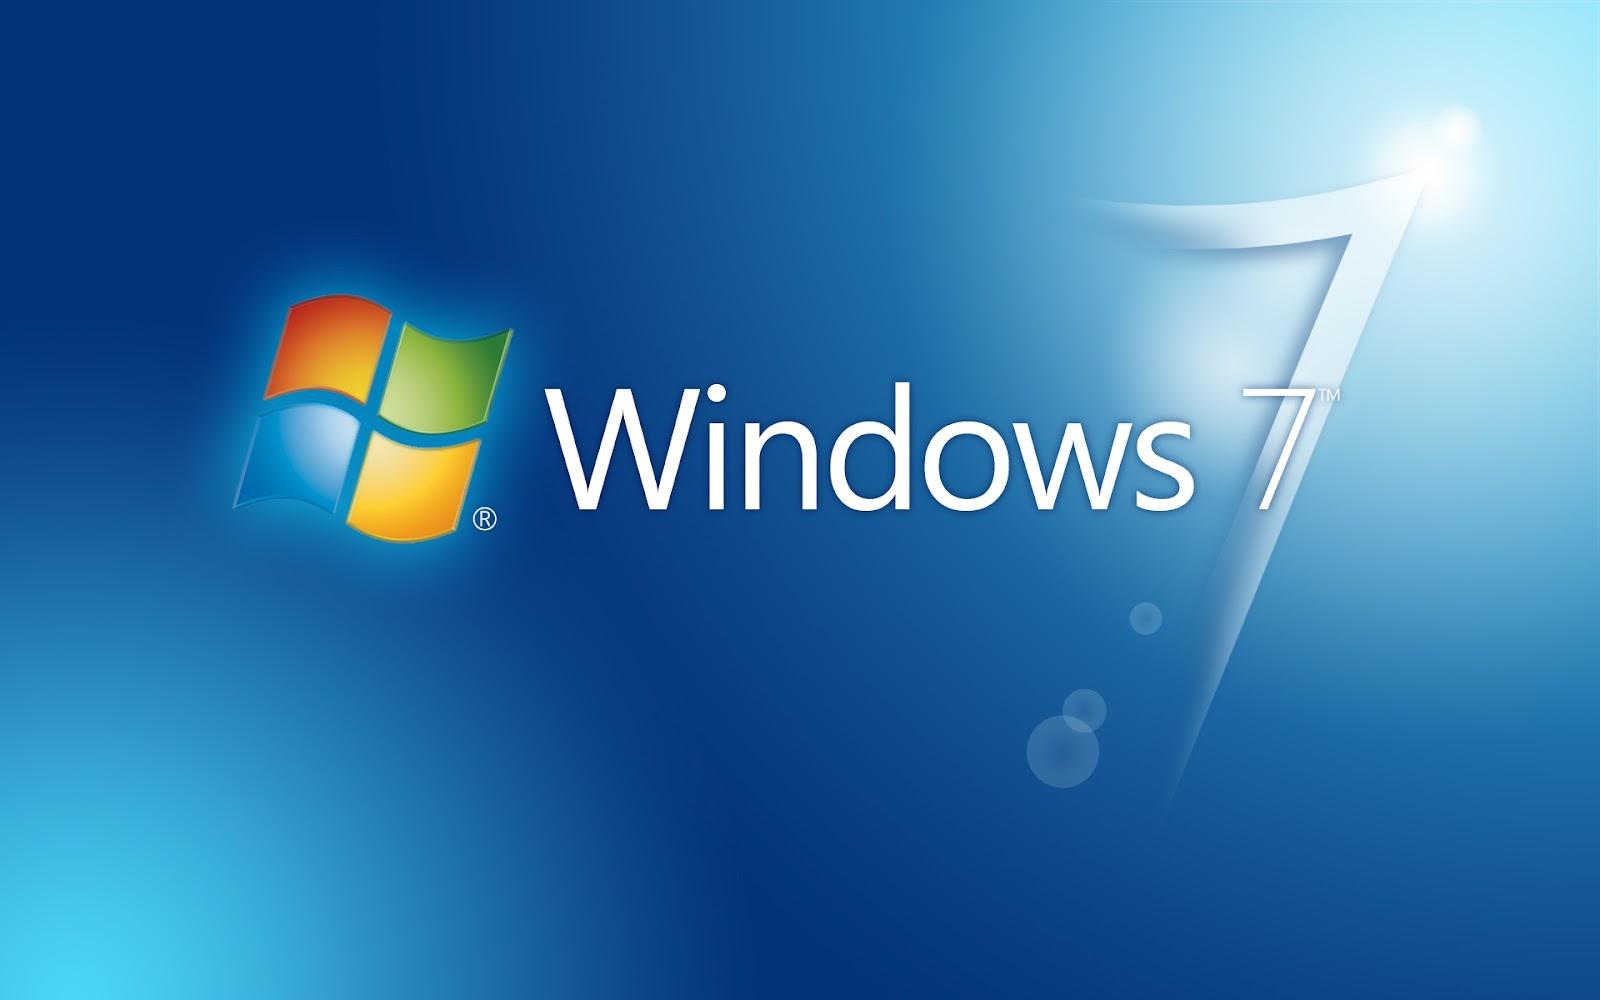 http://3.bp.blogspot.com/-oOmh86_CBb0/UAZn_8yiCYI/AAAAAAAAABw/-7M-LlHNC3M/s1600/Windows-7-logo.jpg